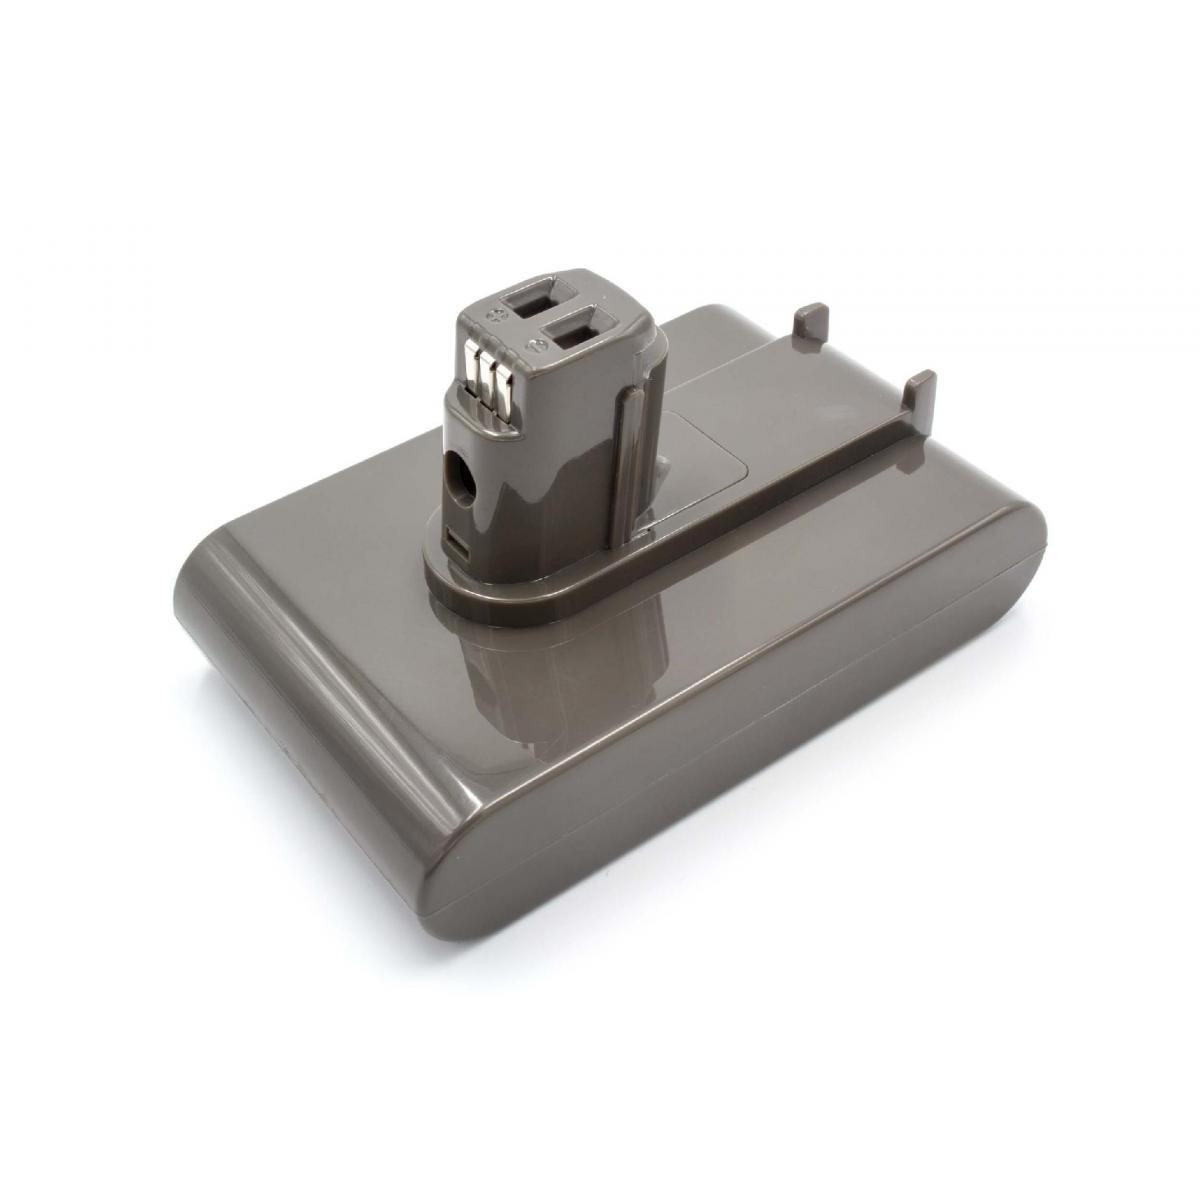 Vhbw INTENSILO Batterie Li-Ion 2500mAh (22.2V) gris pour aspirateur Dyson DC43, DC43h Animal Pro, DC45, DC45 Animal Pro comm